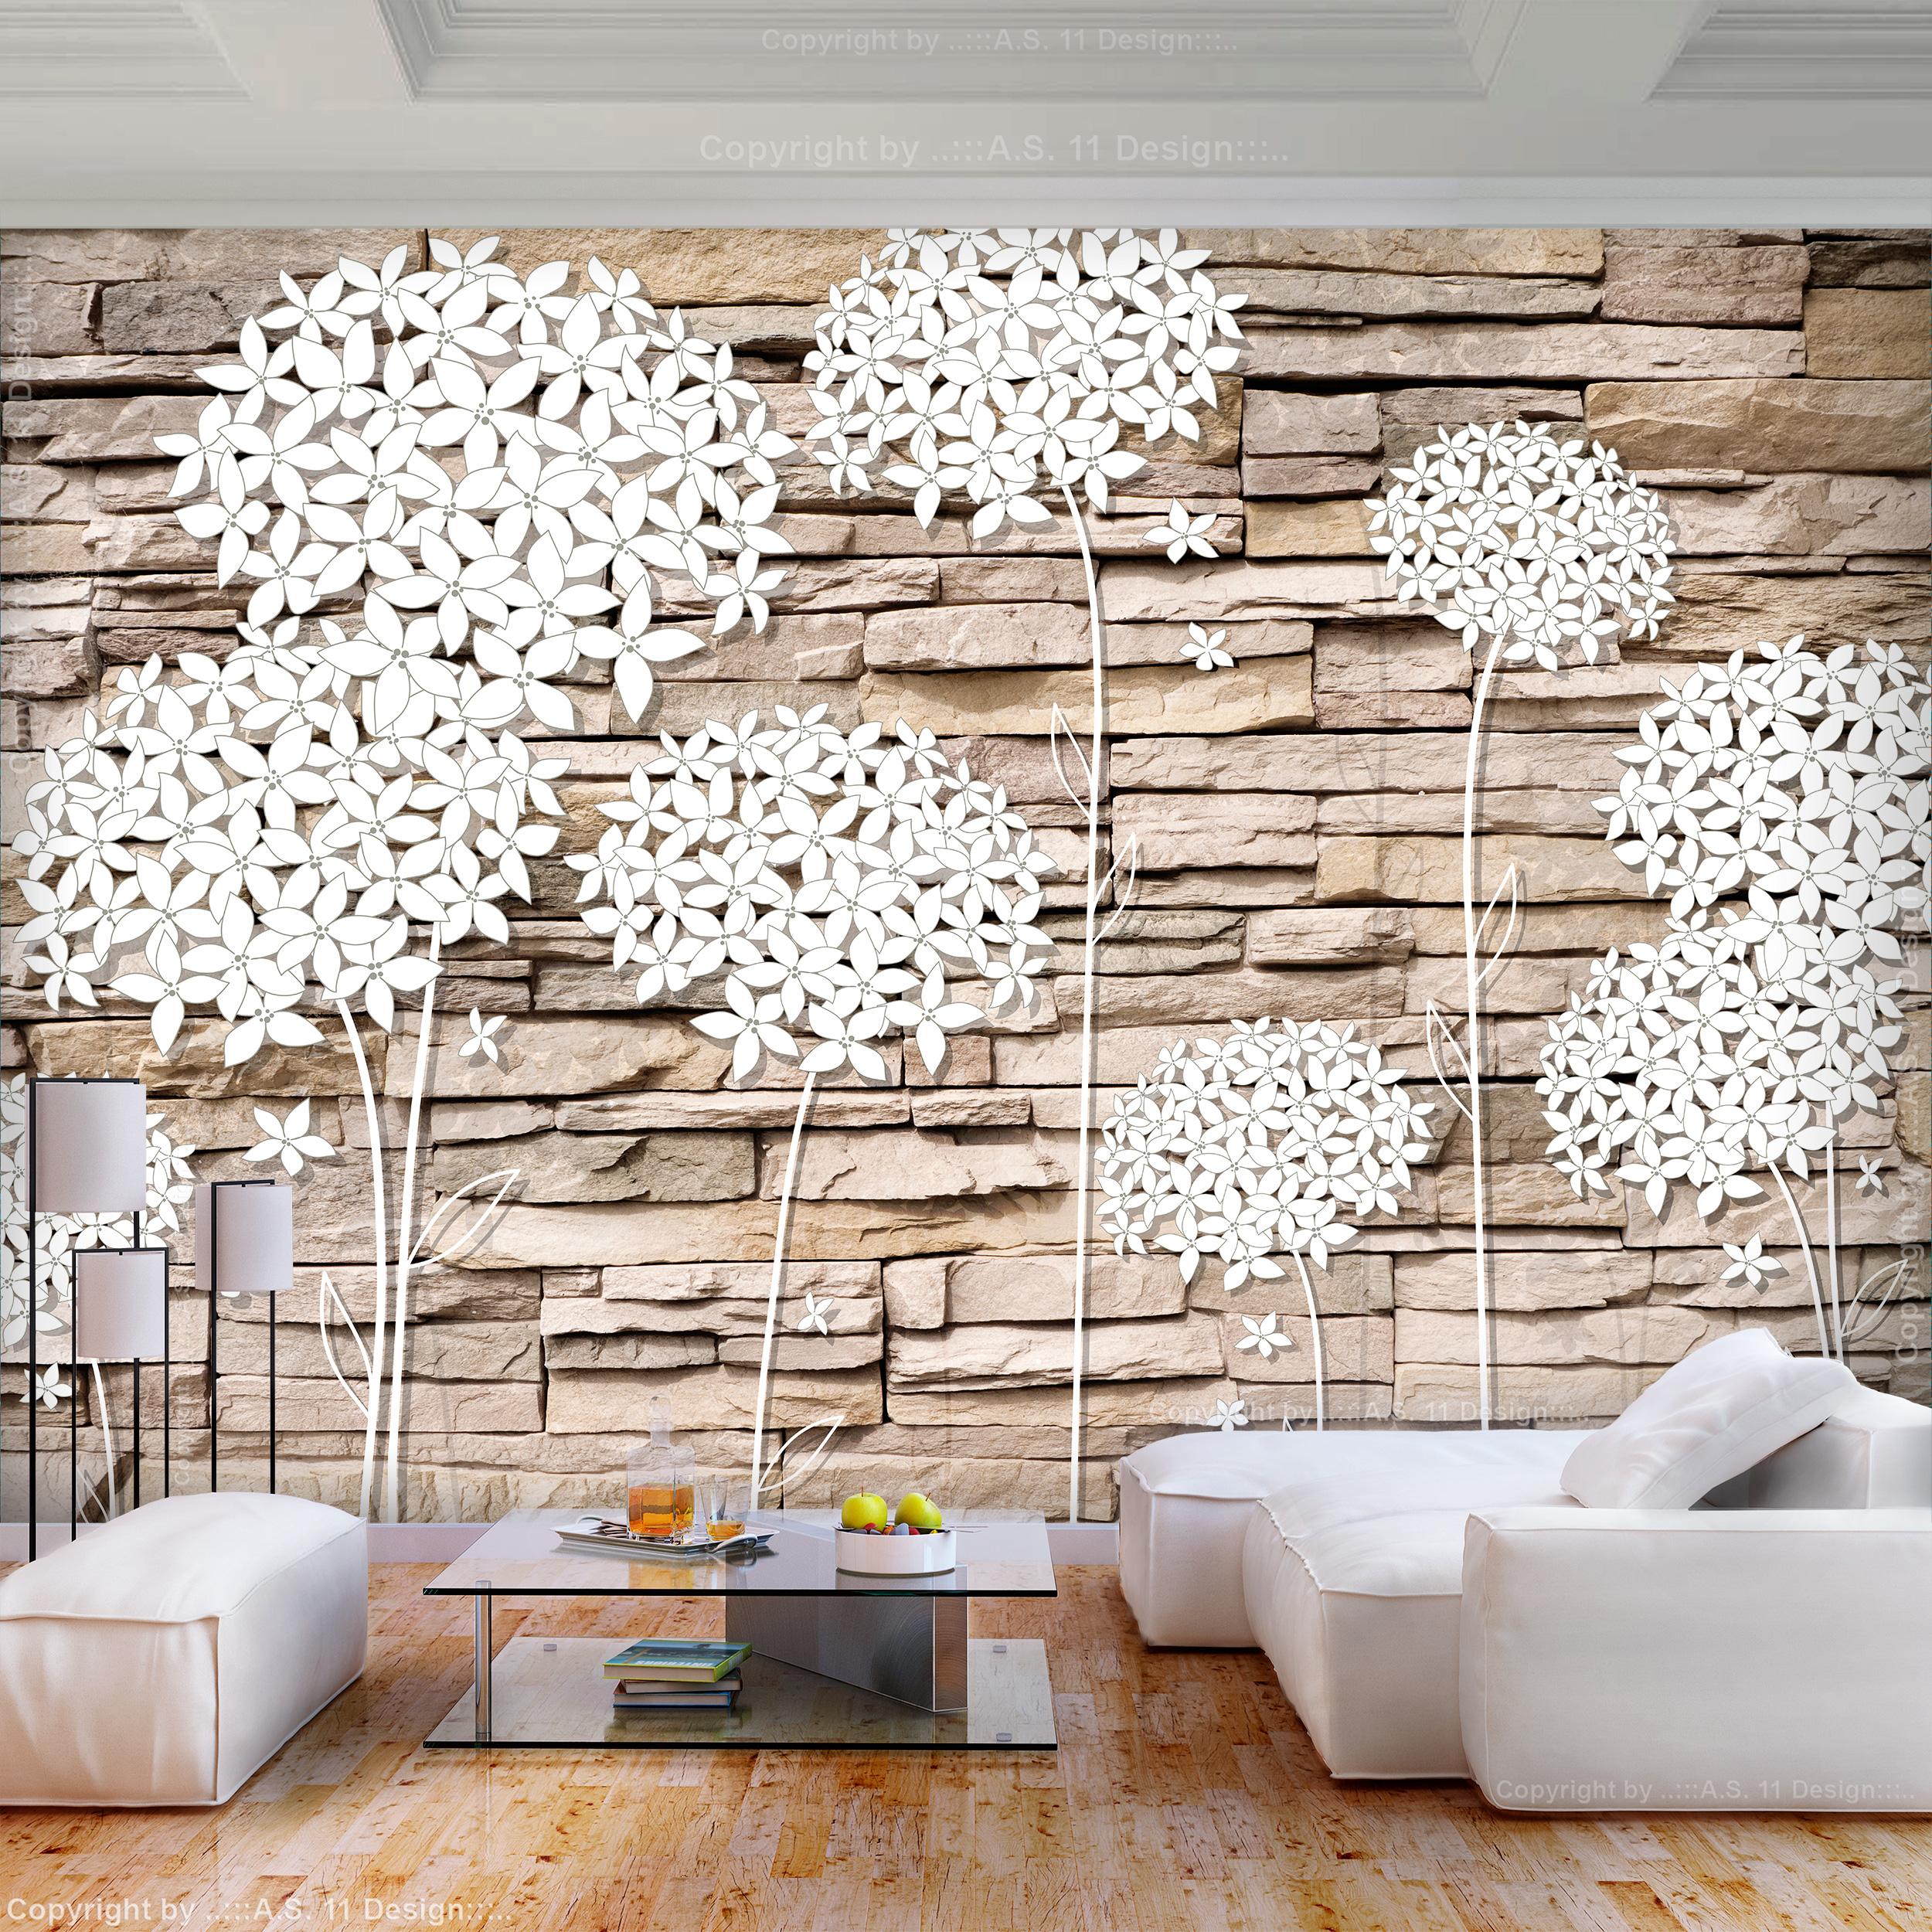 Vlies Fototapete Ziegelstein Blumen 3d Effekt Tapete Wandbilder Xxl